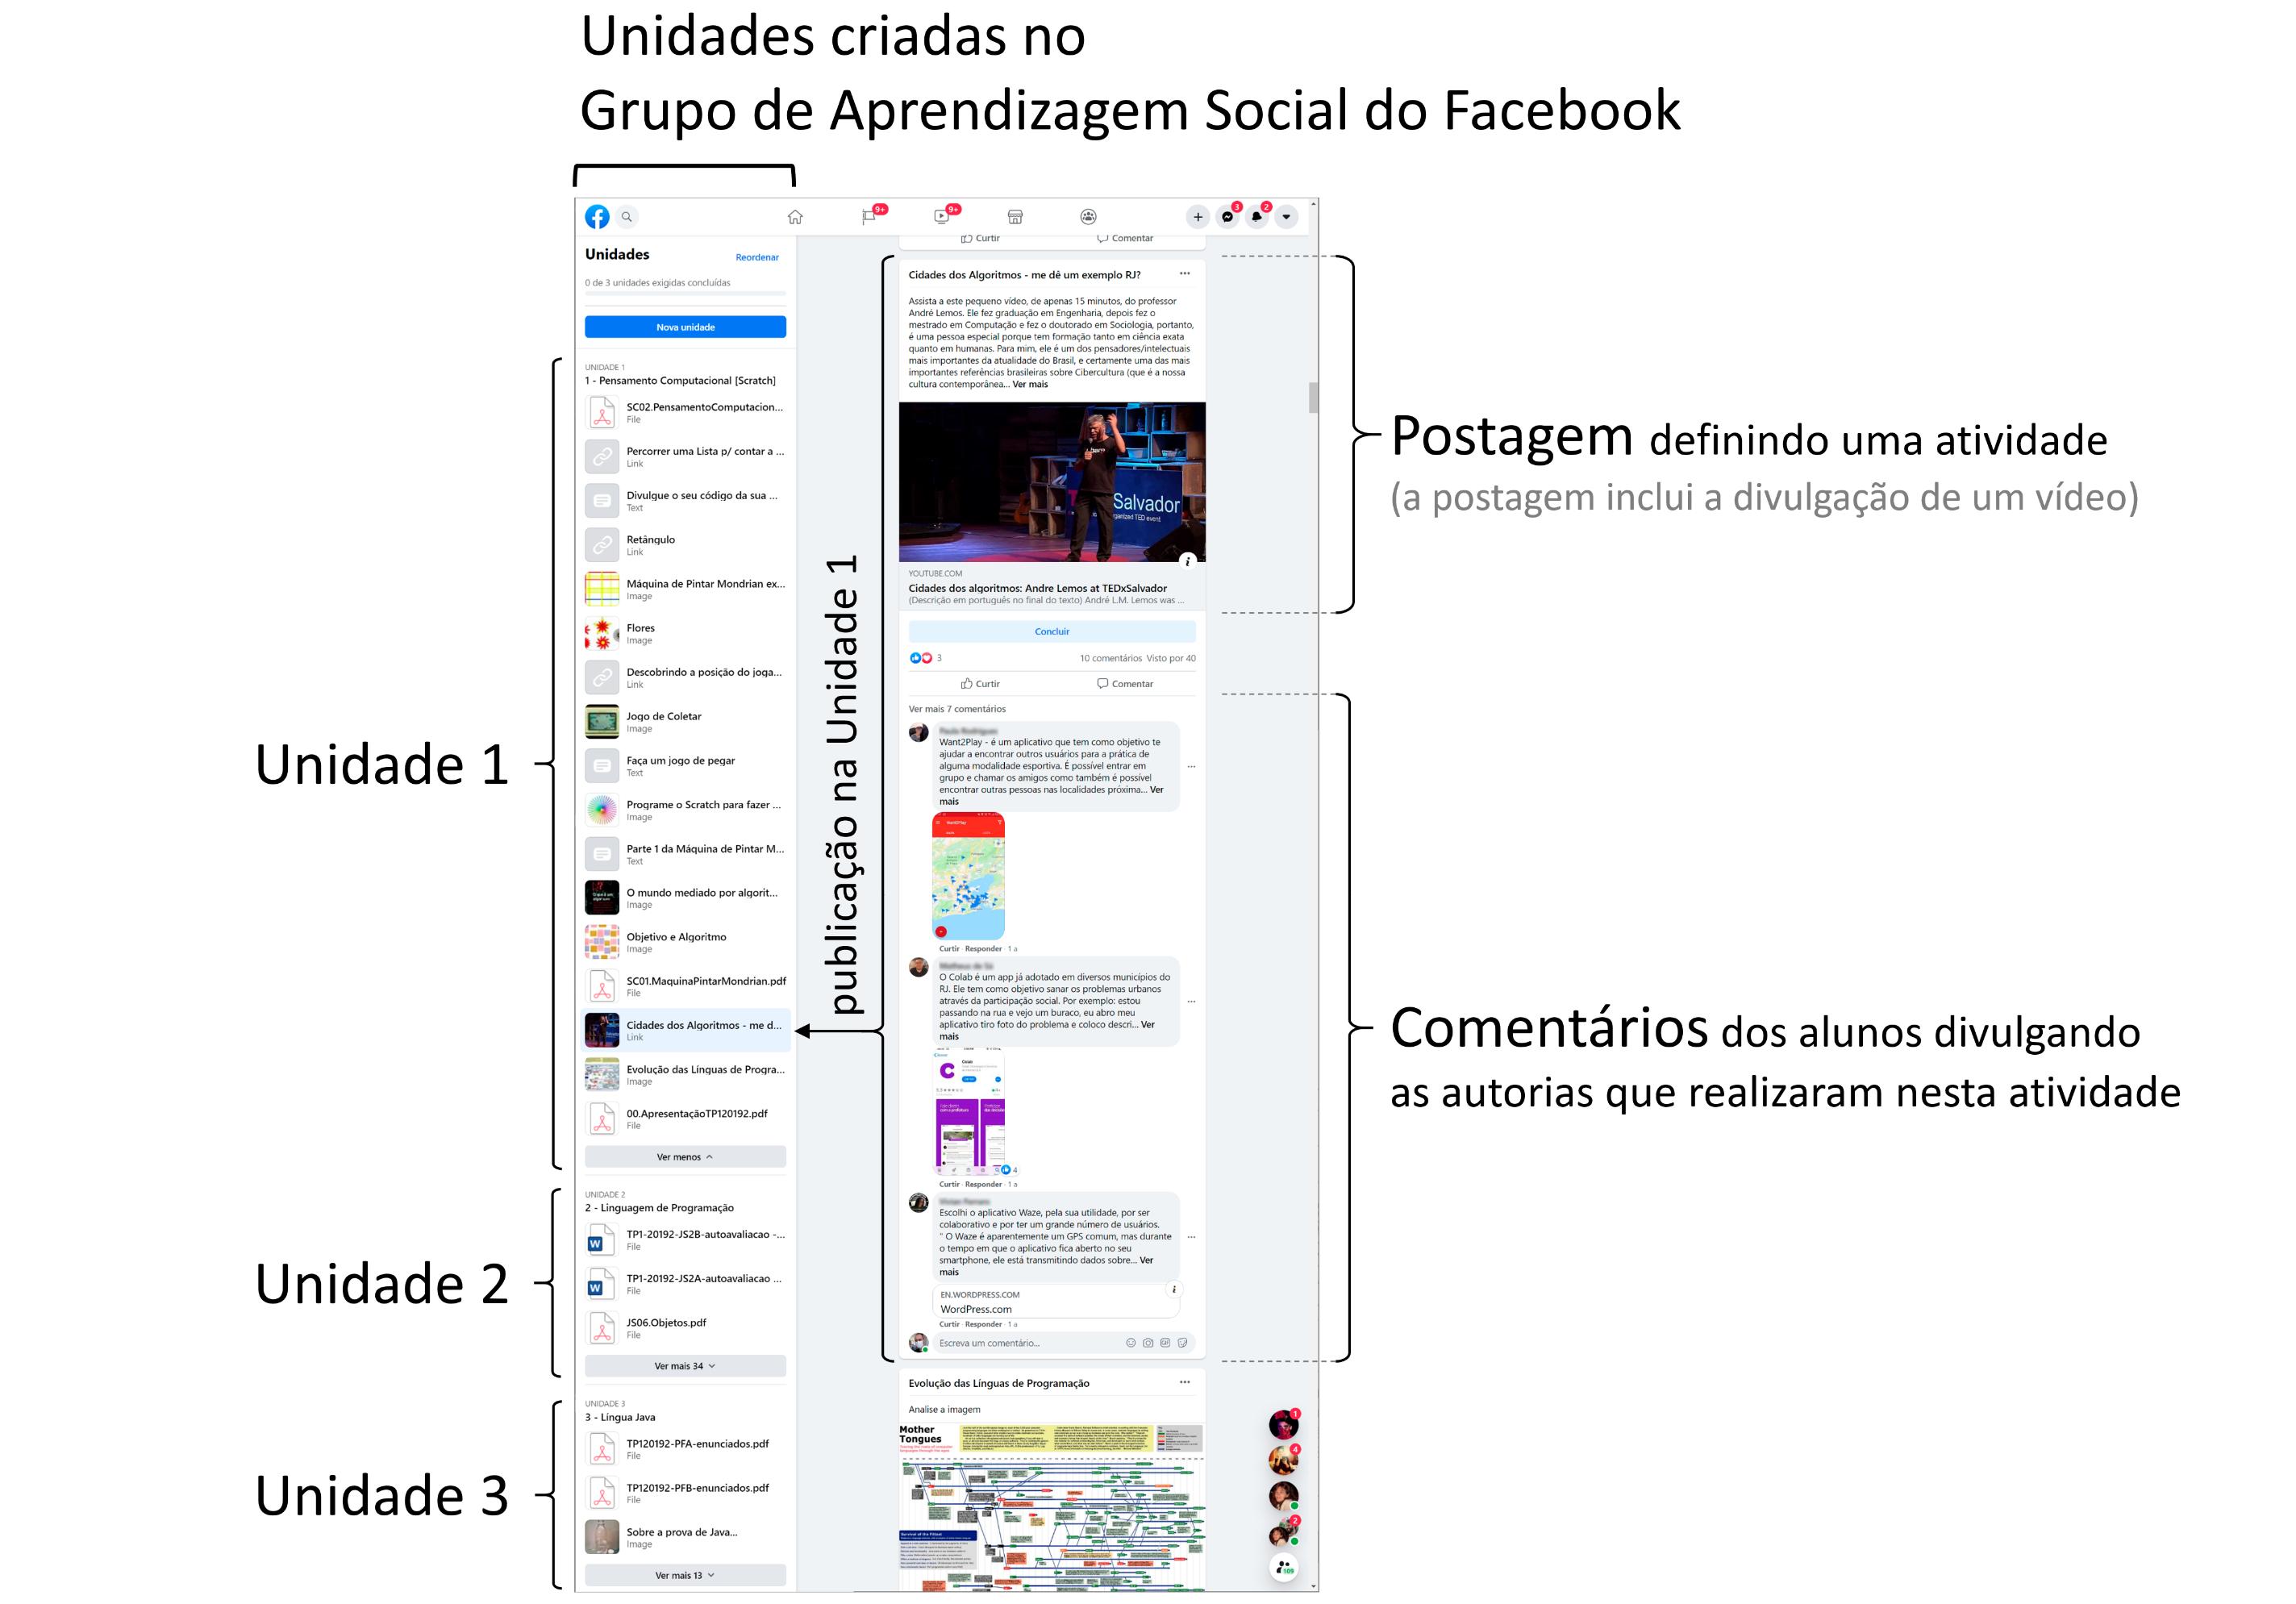 Grupo de Aprendizagem Social do Facebook